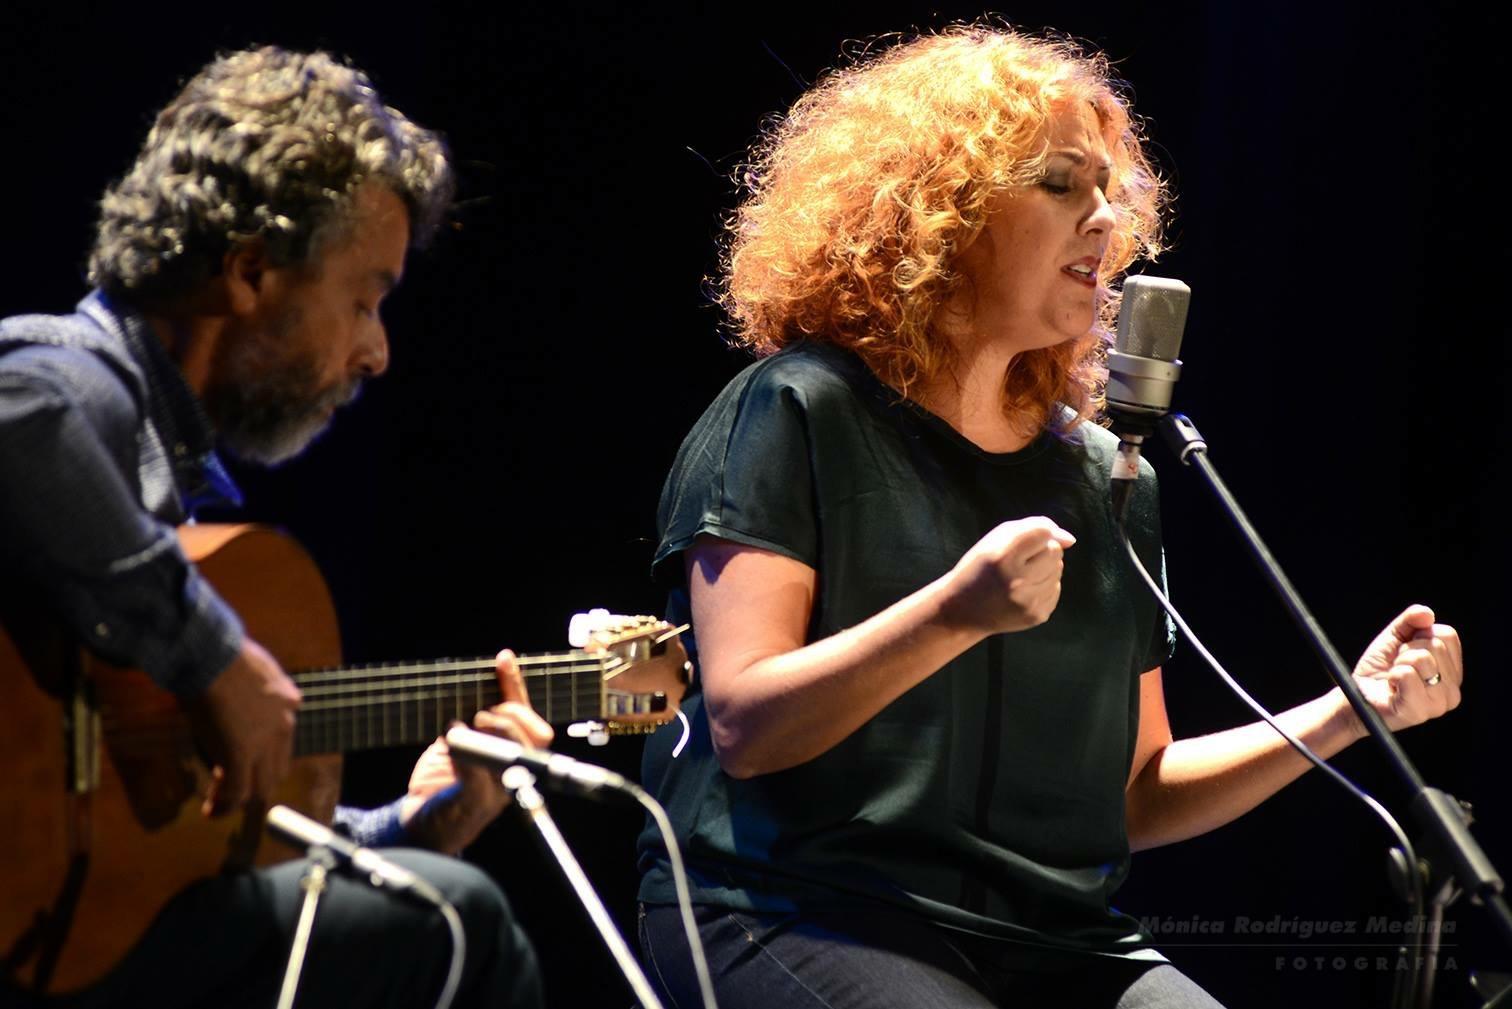 Música, cine y arte llenan de actividad la Casa de los Coroneles en el mes de mayo